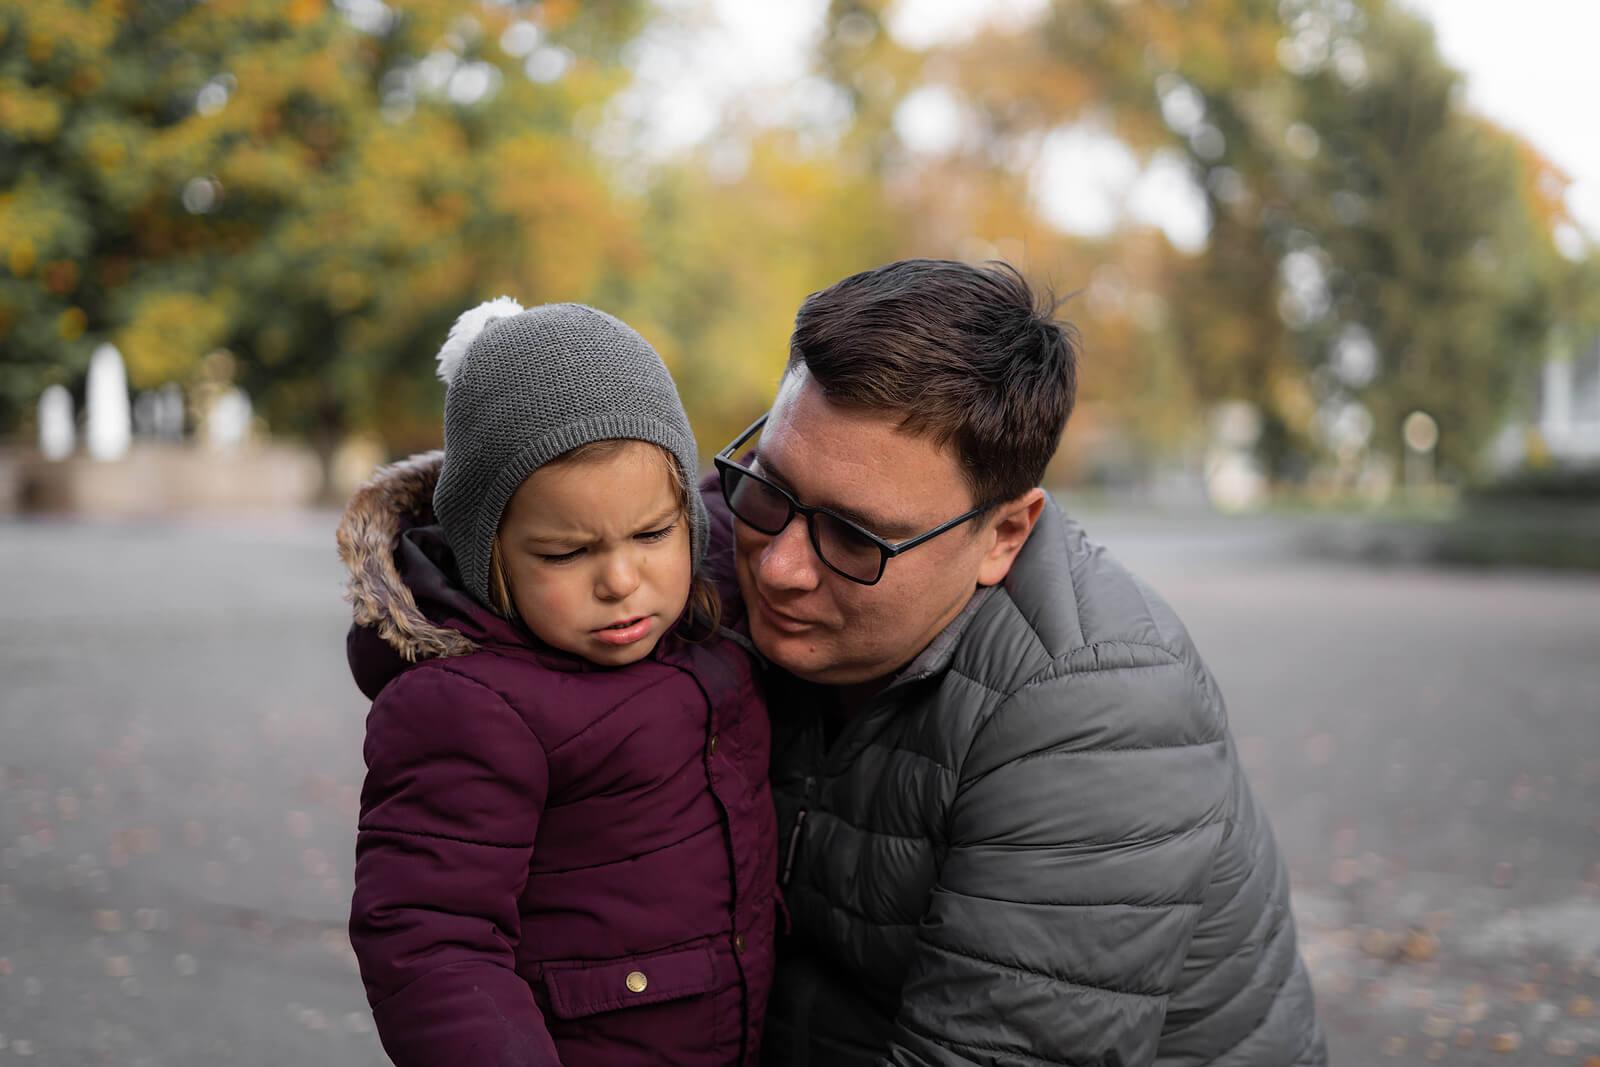 Niño con resentimiento hacia su padre porque está muy enfadado.